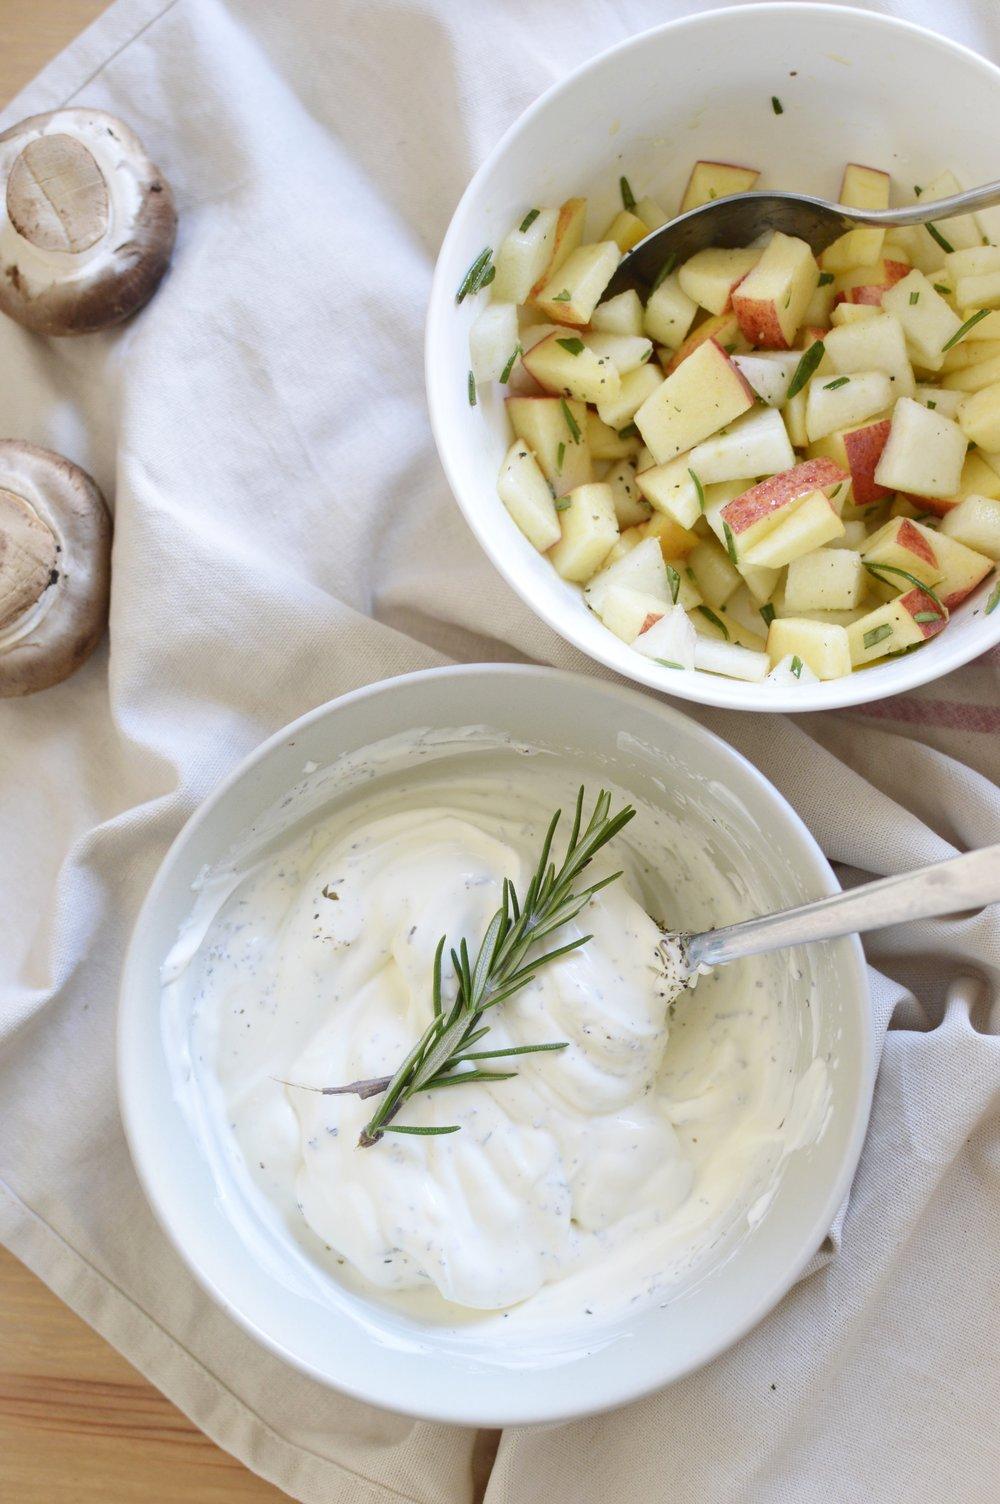 Herbstliche-Lunchbowl-Inspiration-Süßkartoffel-Rosenkohl